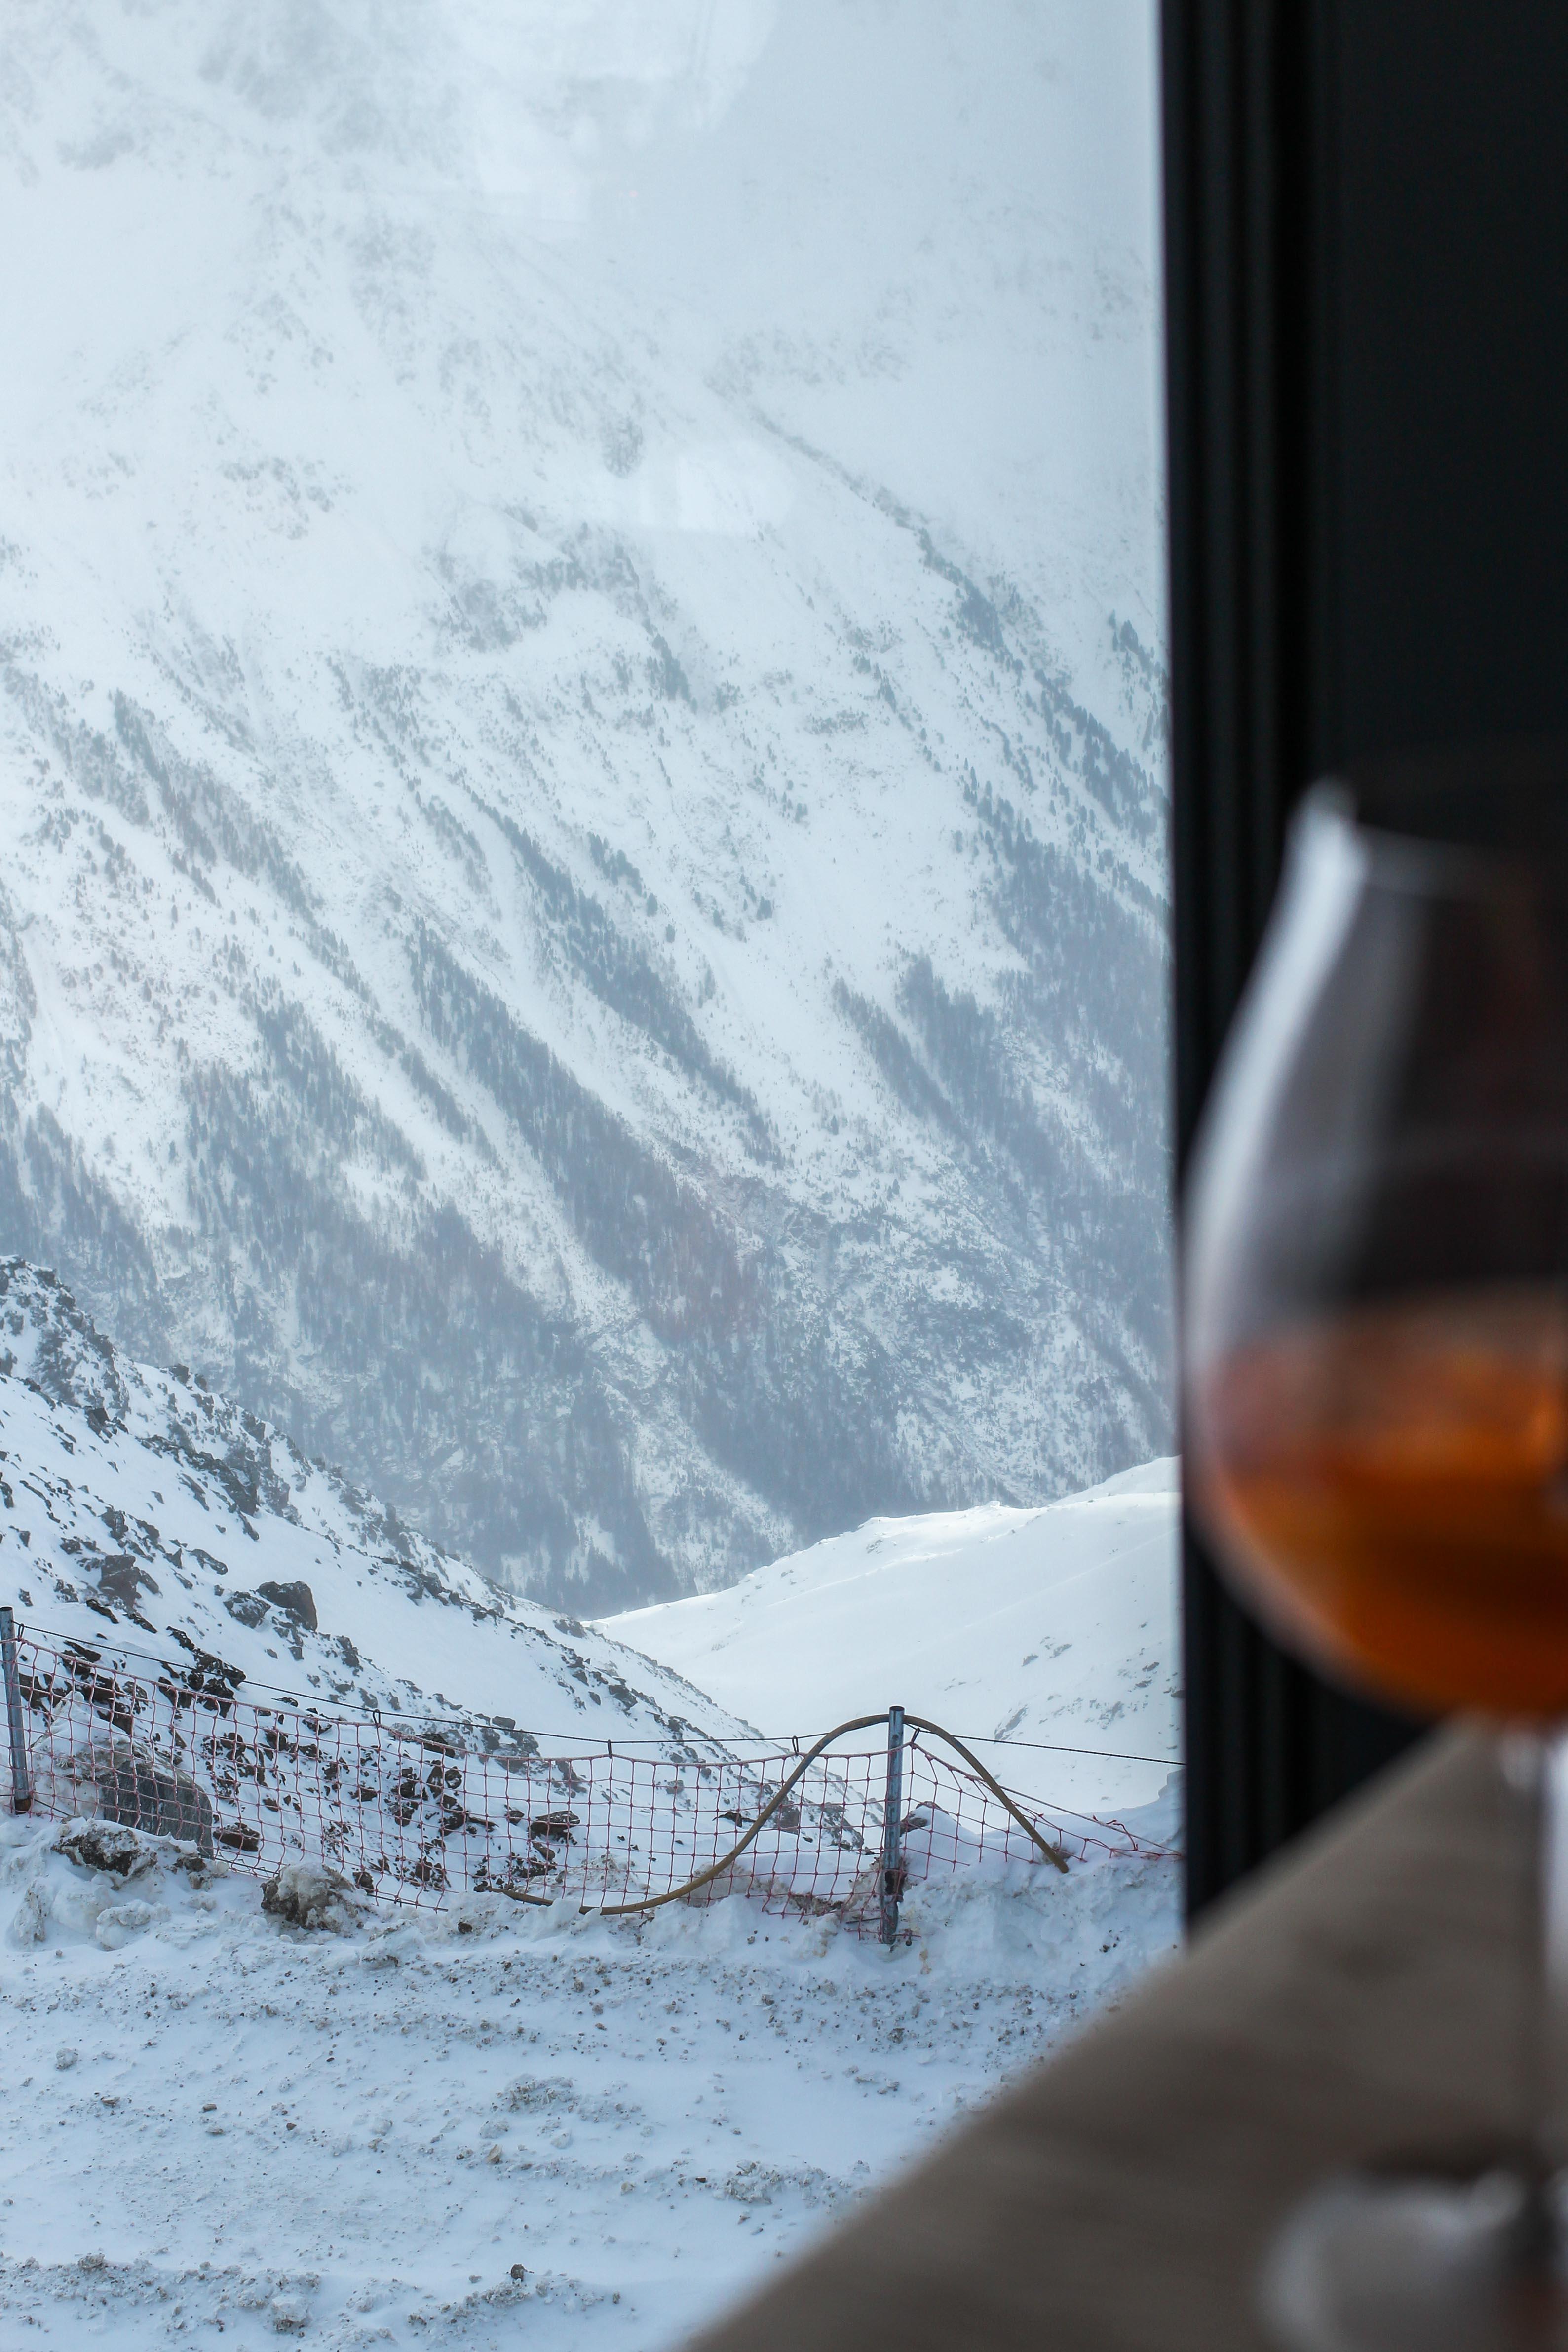 Gourmet-Restaurant Gipfelaussicht Berge Schnee iceQ Sölden Tirol Österreich James Bond Location Spectre 3000m Gaislachkogl Reiseblog